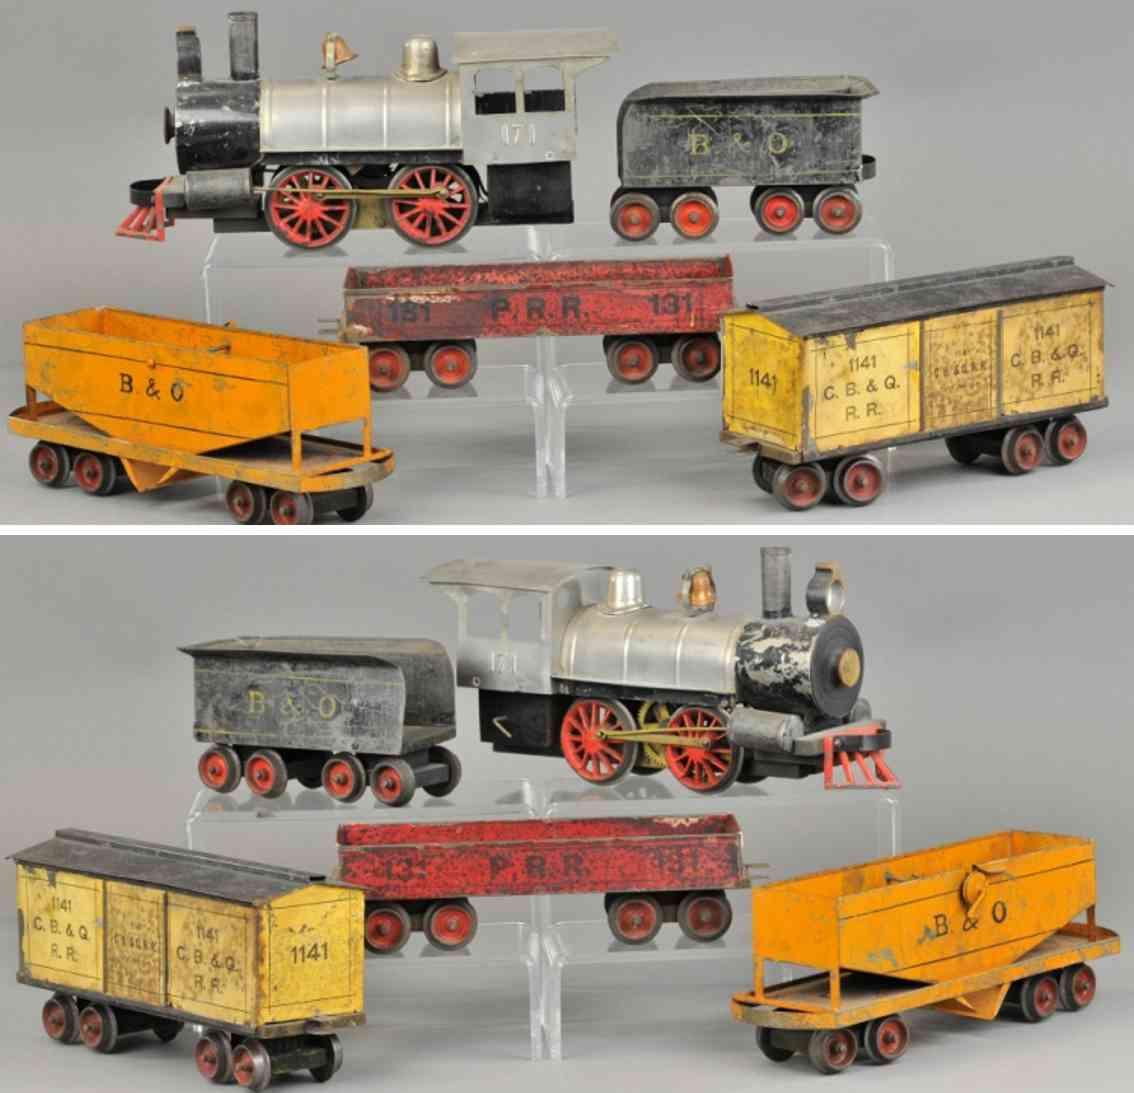 carlisle & finch frachtzug lokomotive 4 wagen 47 12 1141 11